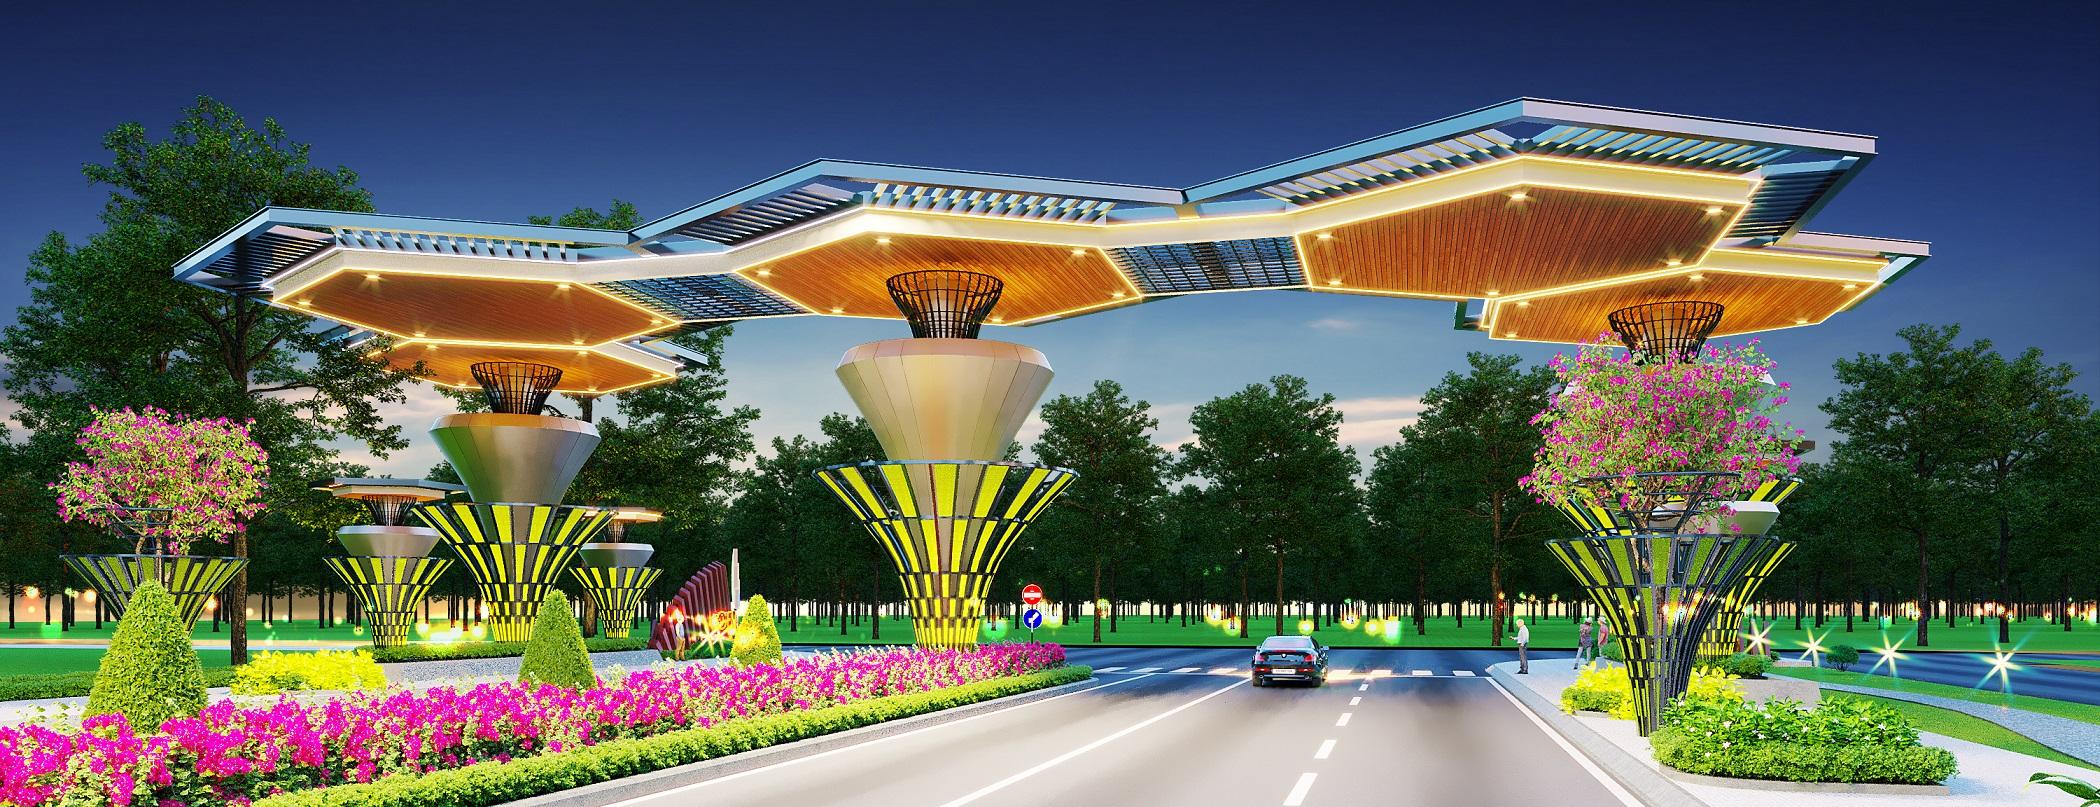 Cổng chào hoành tráng của dự án Gem Sky World